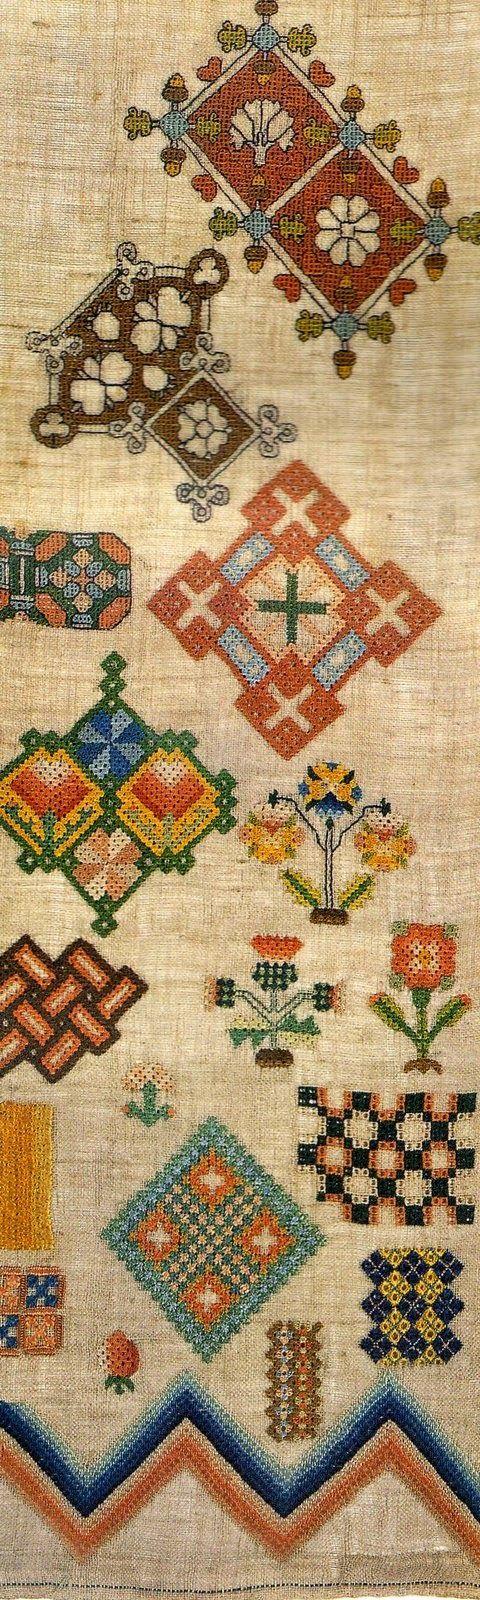 Элиза Ричардсон, Англия, 1837 г     Марта Эдлин, Англия, 1668 г    Семплер (англ. « sampler »)  – вид вышивки, которая представляет соб...